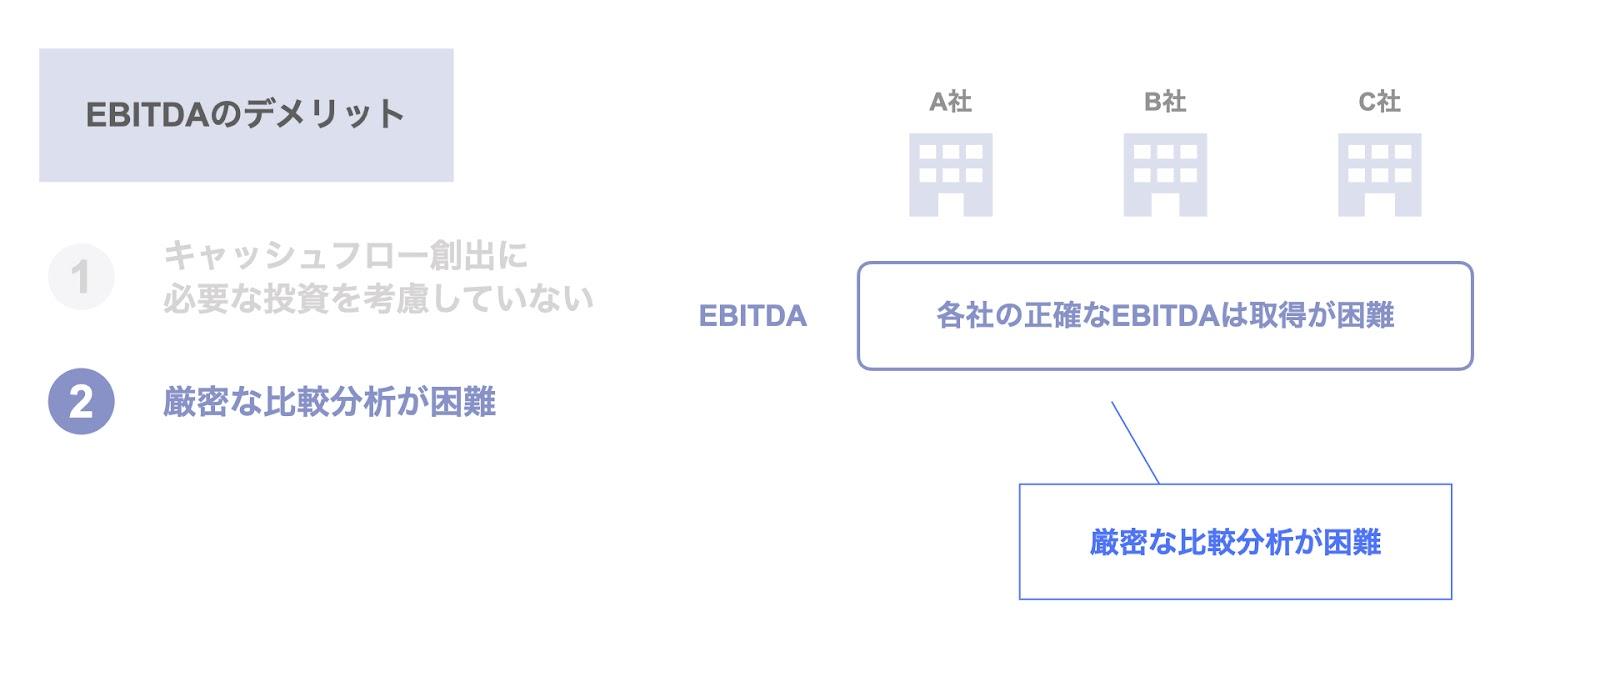 EBITDAのデメリット② 厳密な比較分析が困難